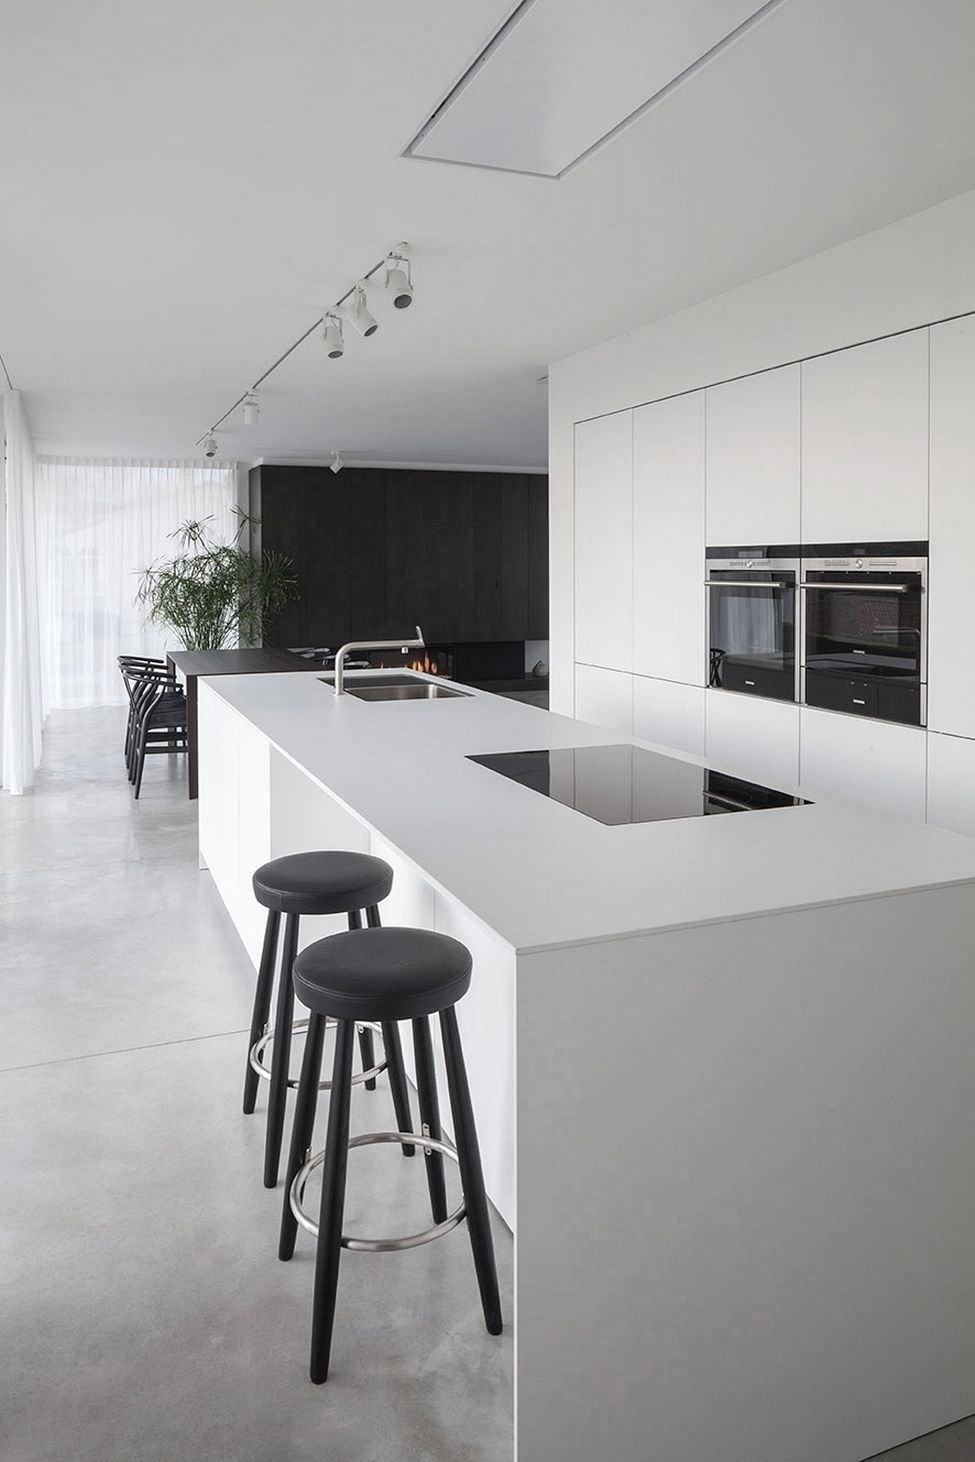 Cucina Moderna Bianca Laccata 100 idee cucine con isola moderne e funzionali   idee per la